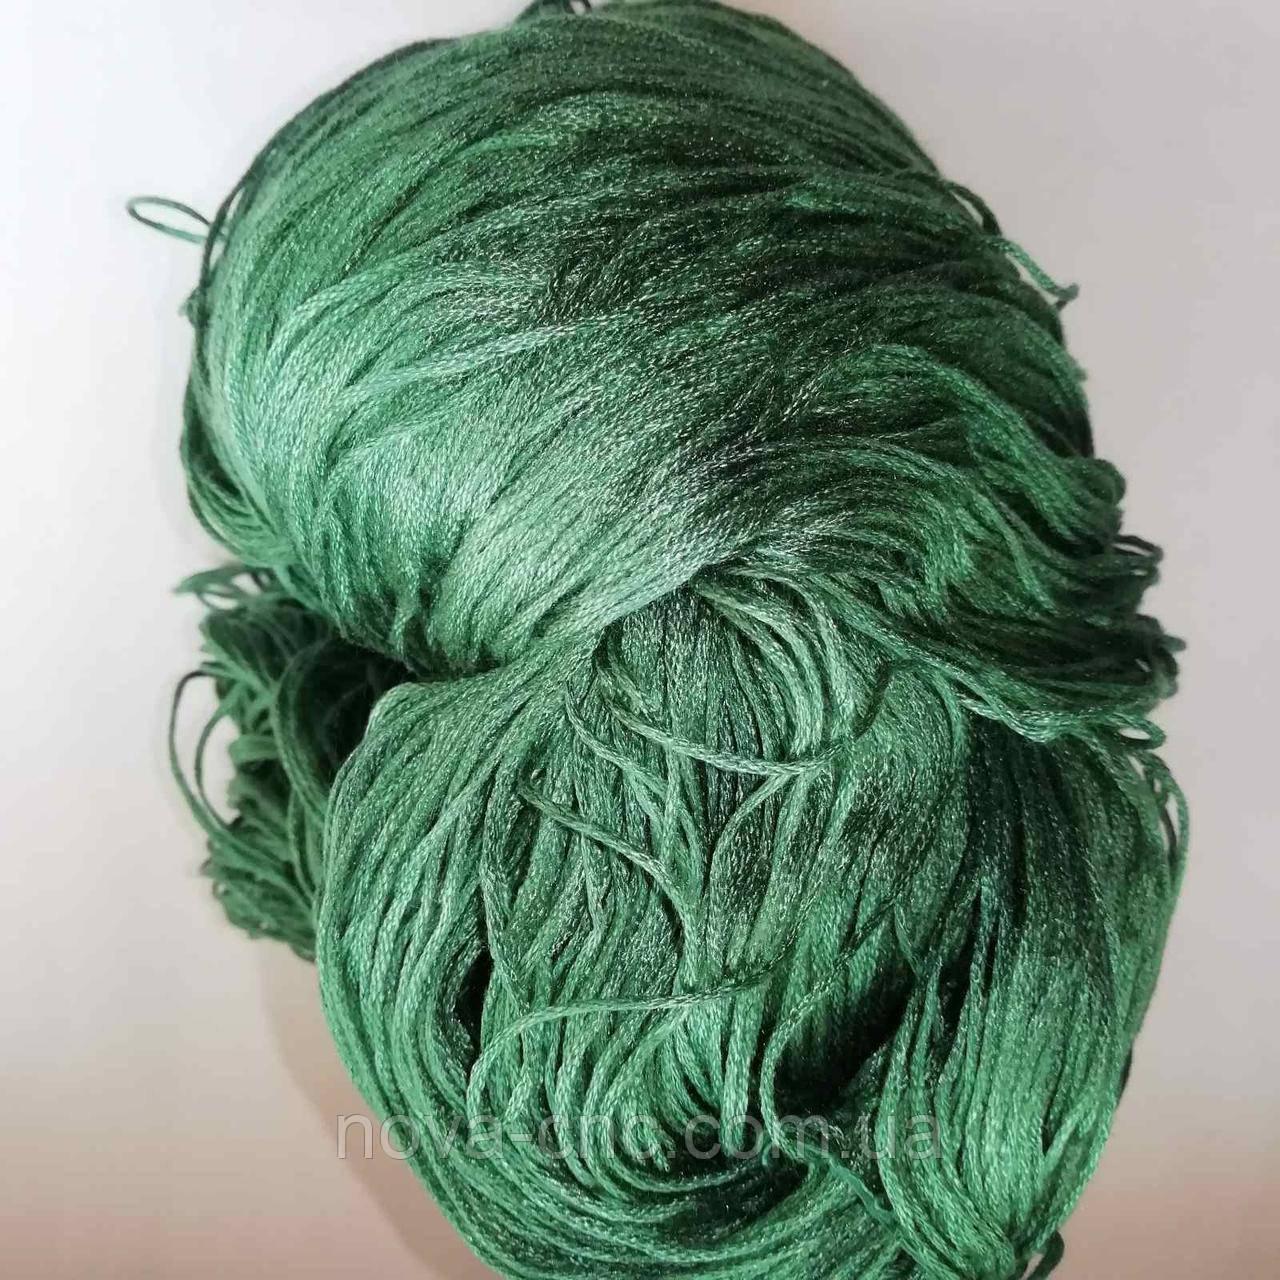 Нитки Муліне Колір зелений упаковка 248г.